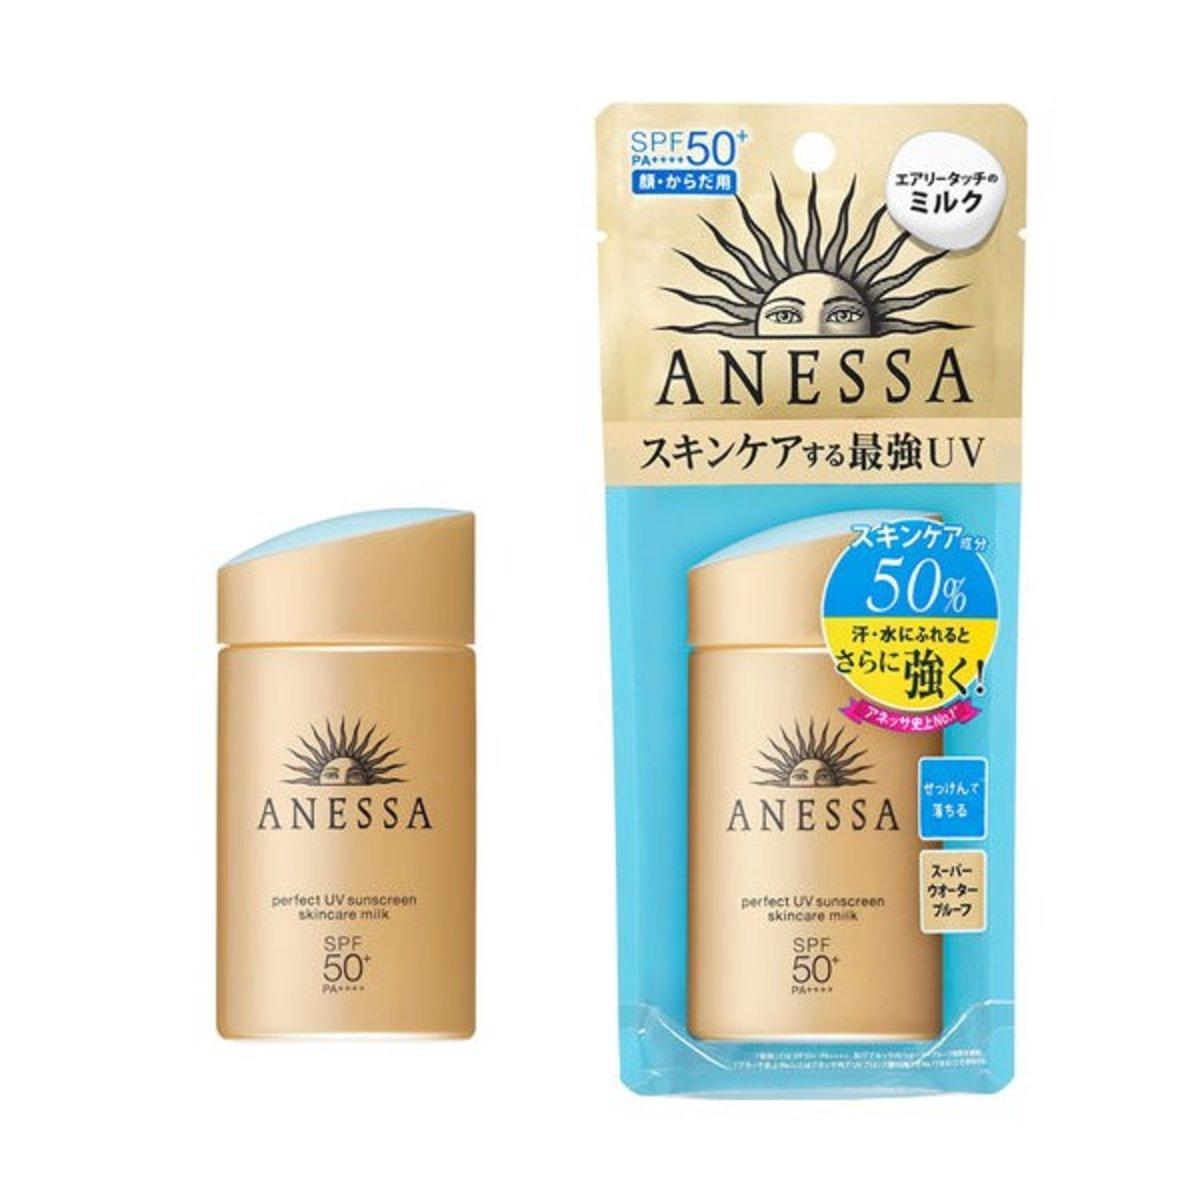 ANESSA 防曬乳液 SPF50+ PA++++ 60ml